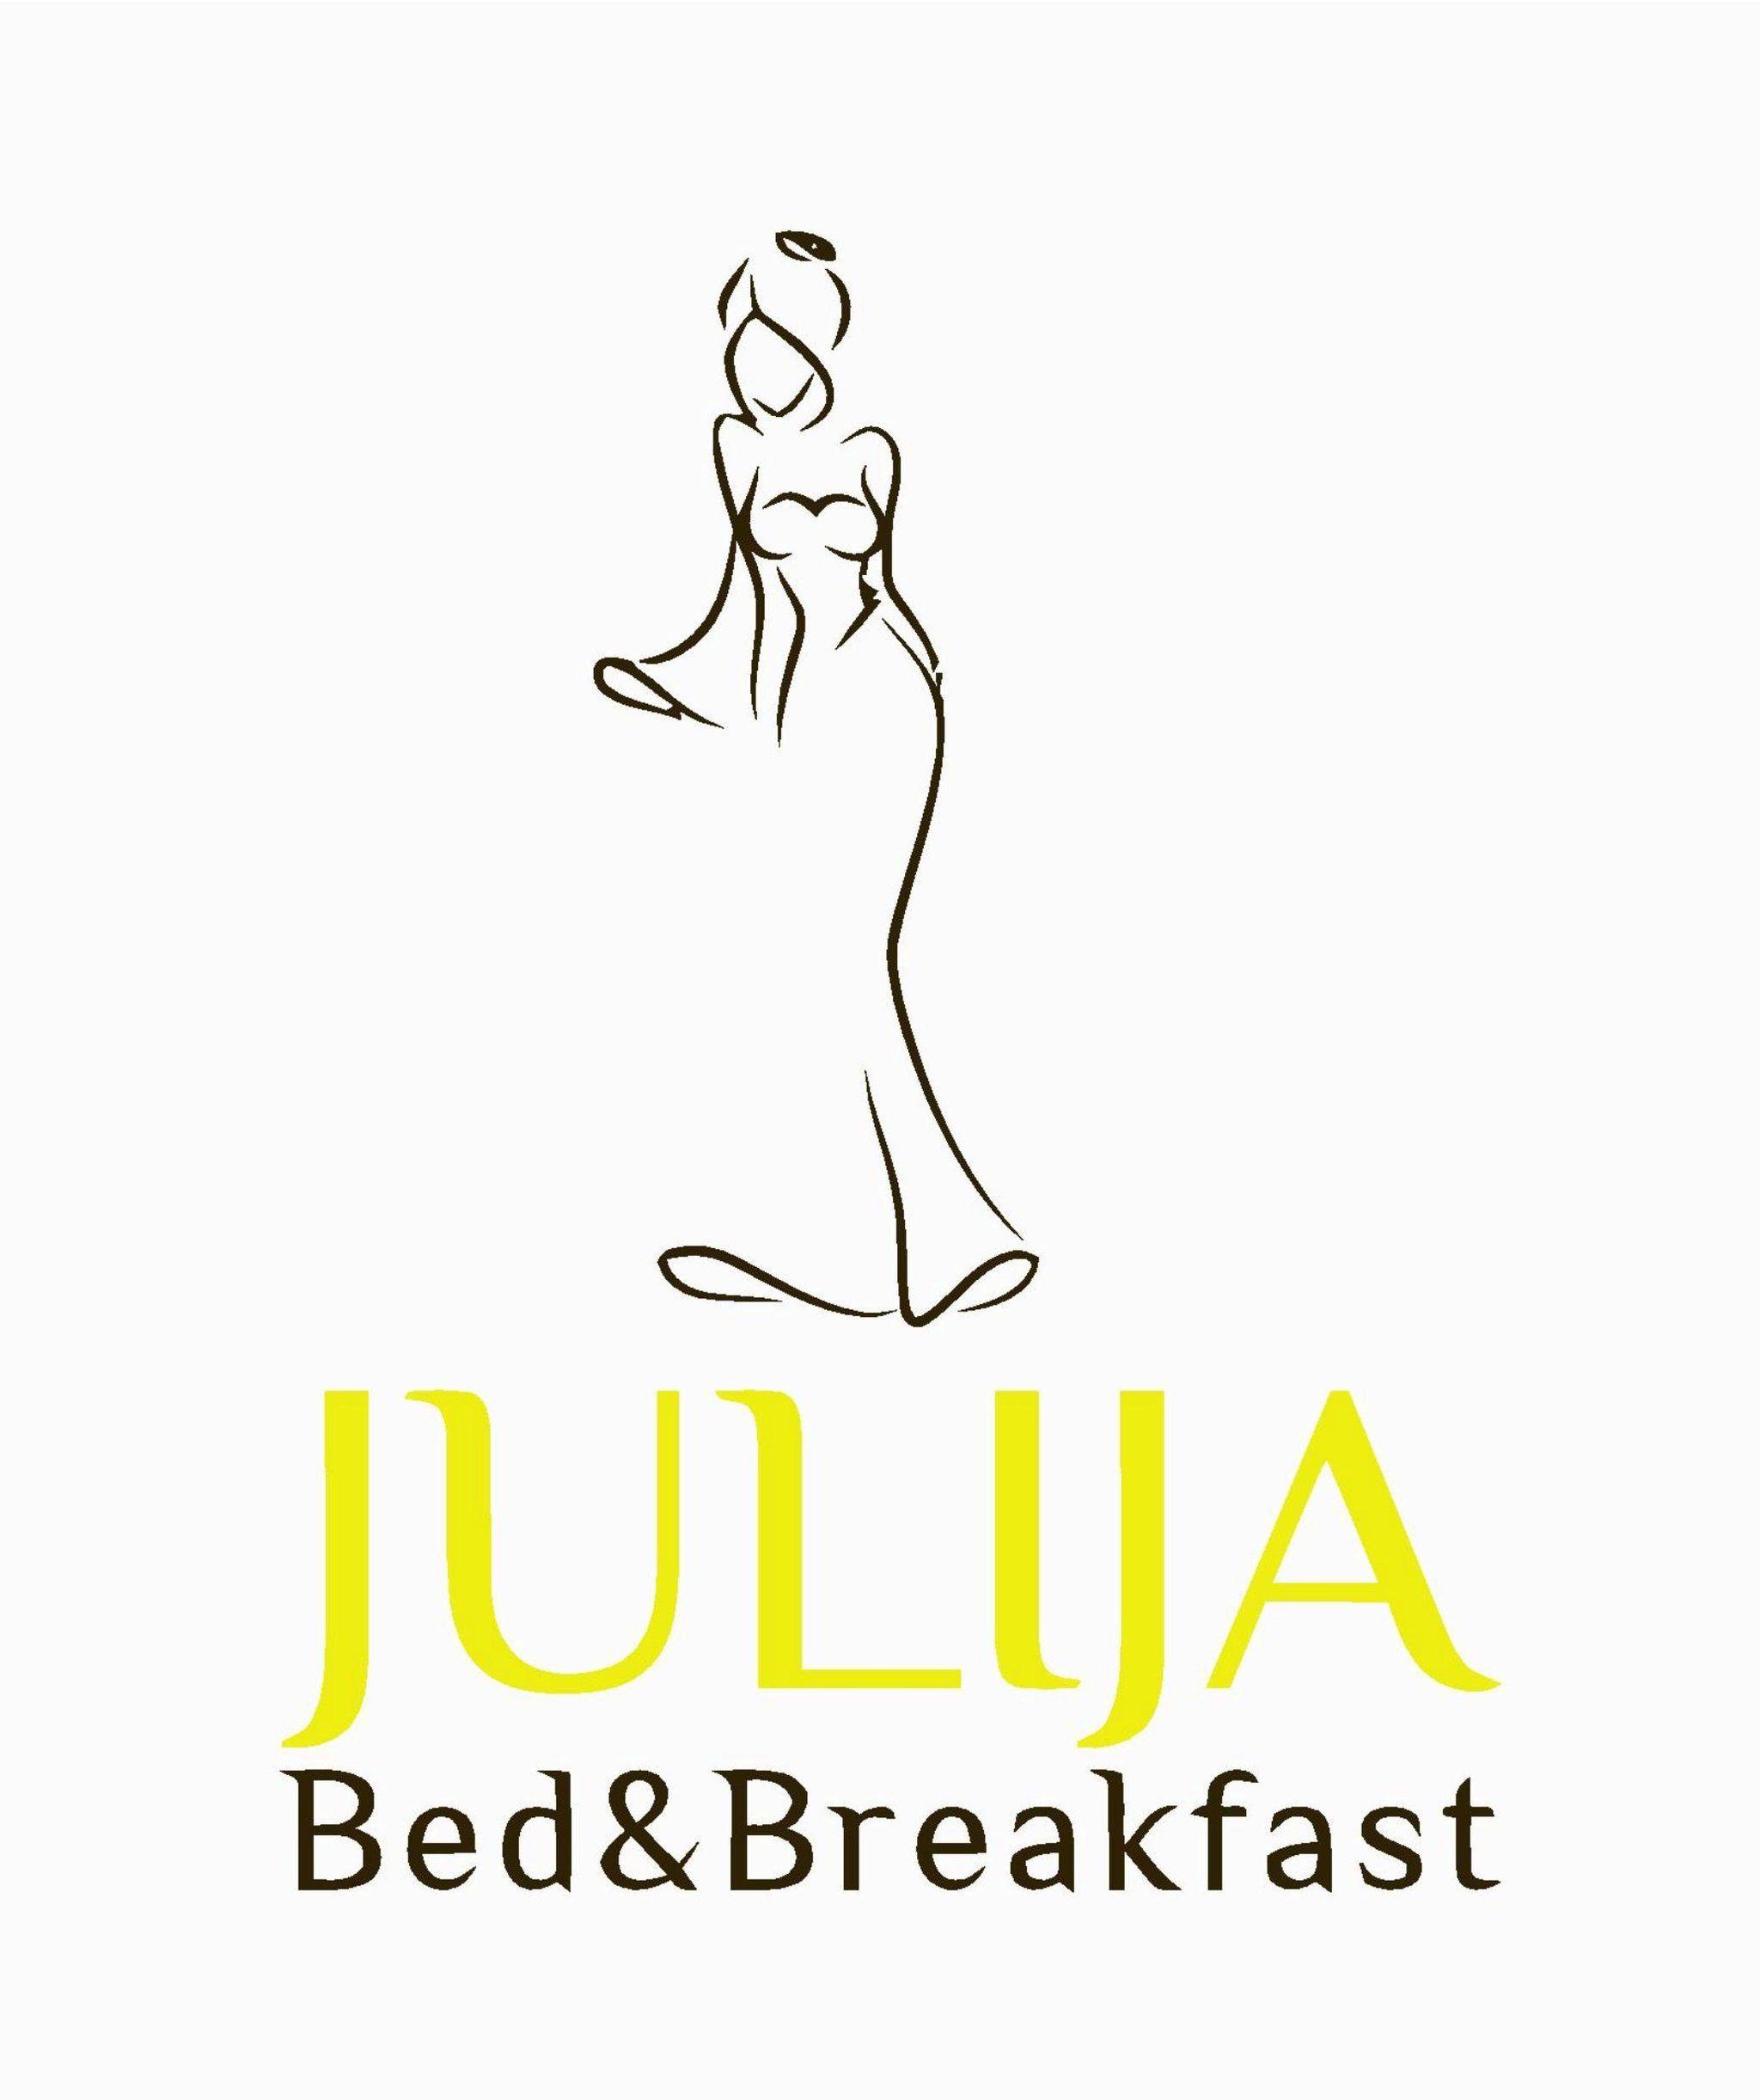 B&B Julija